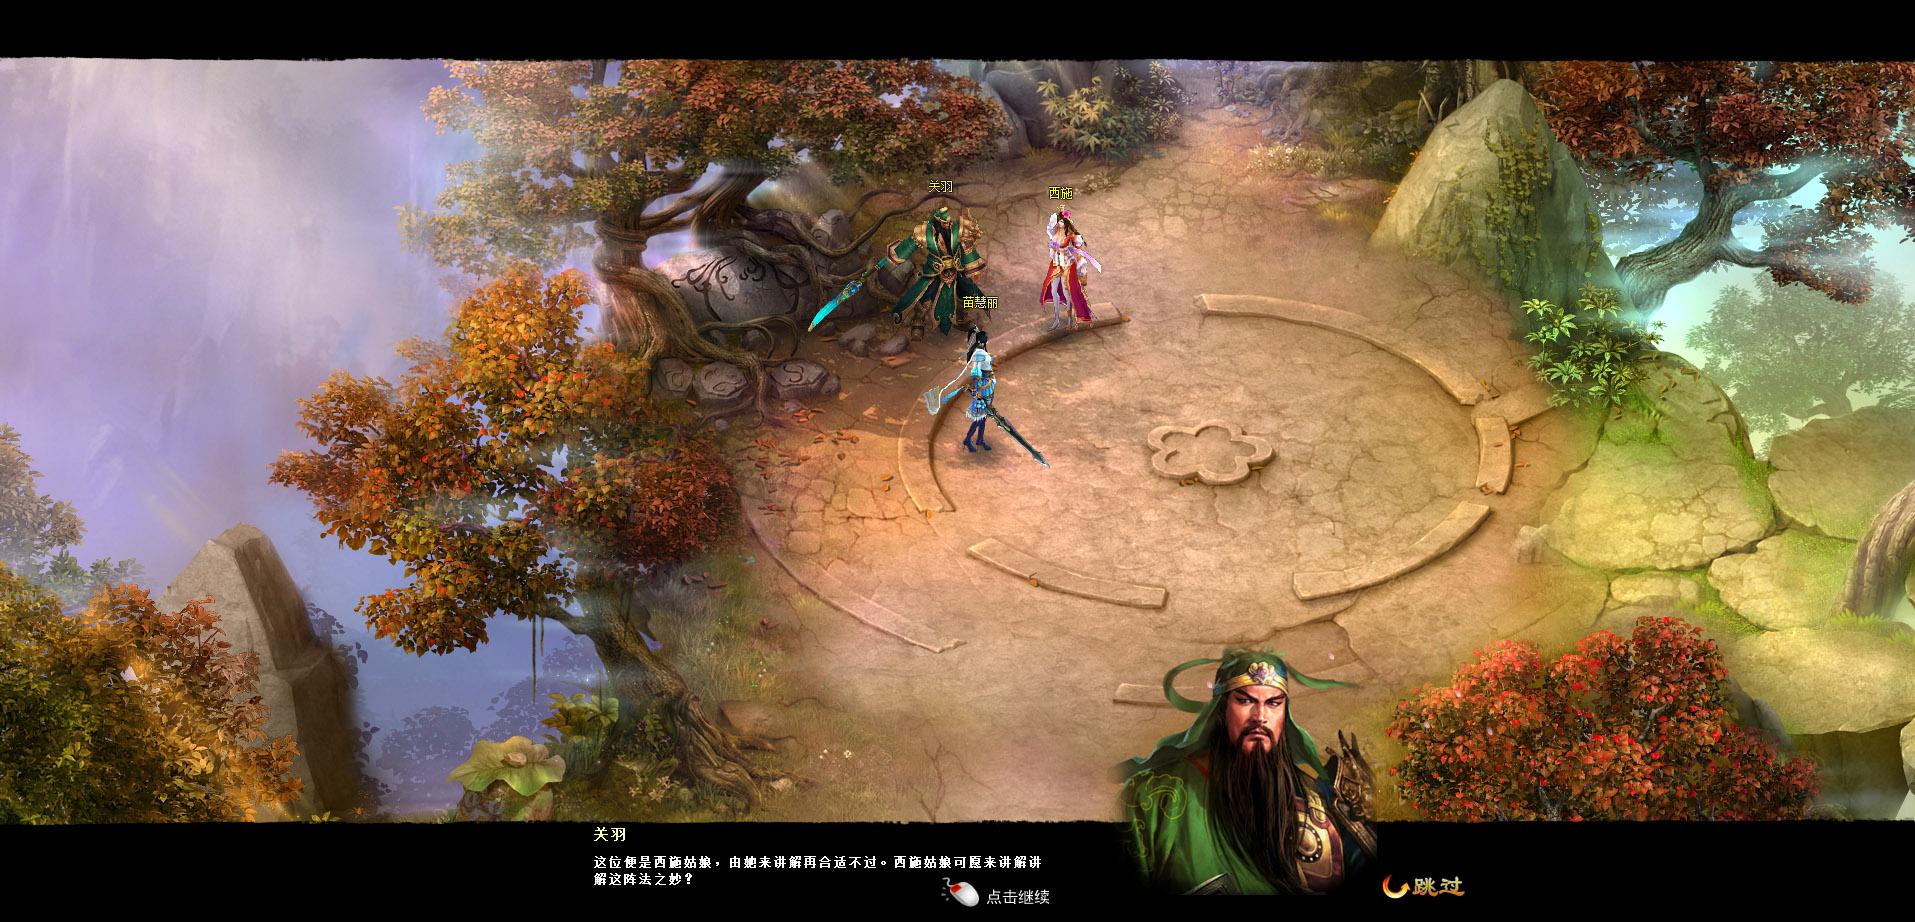 《三国遮天》游戏截图